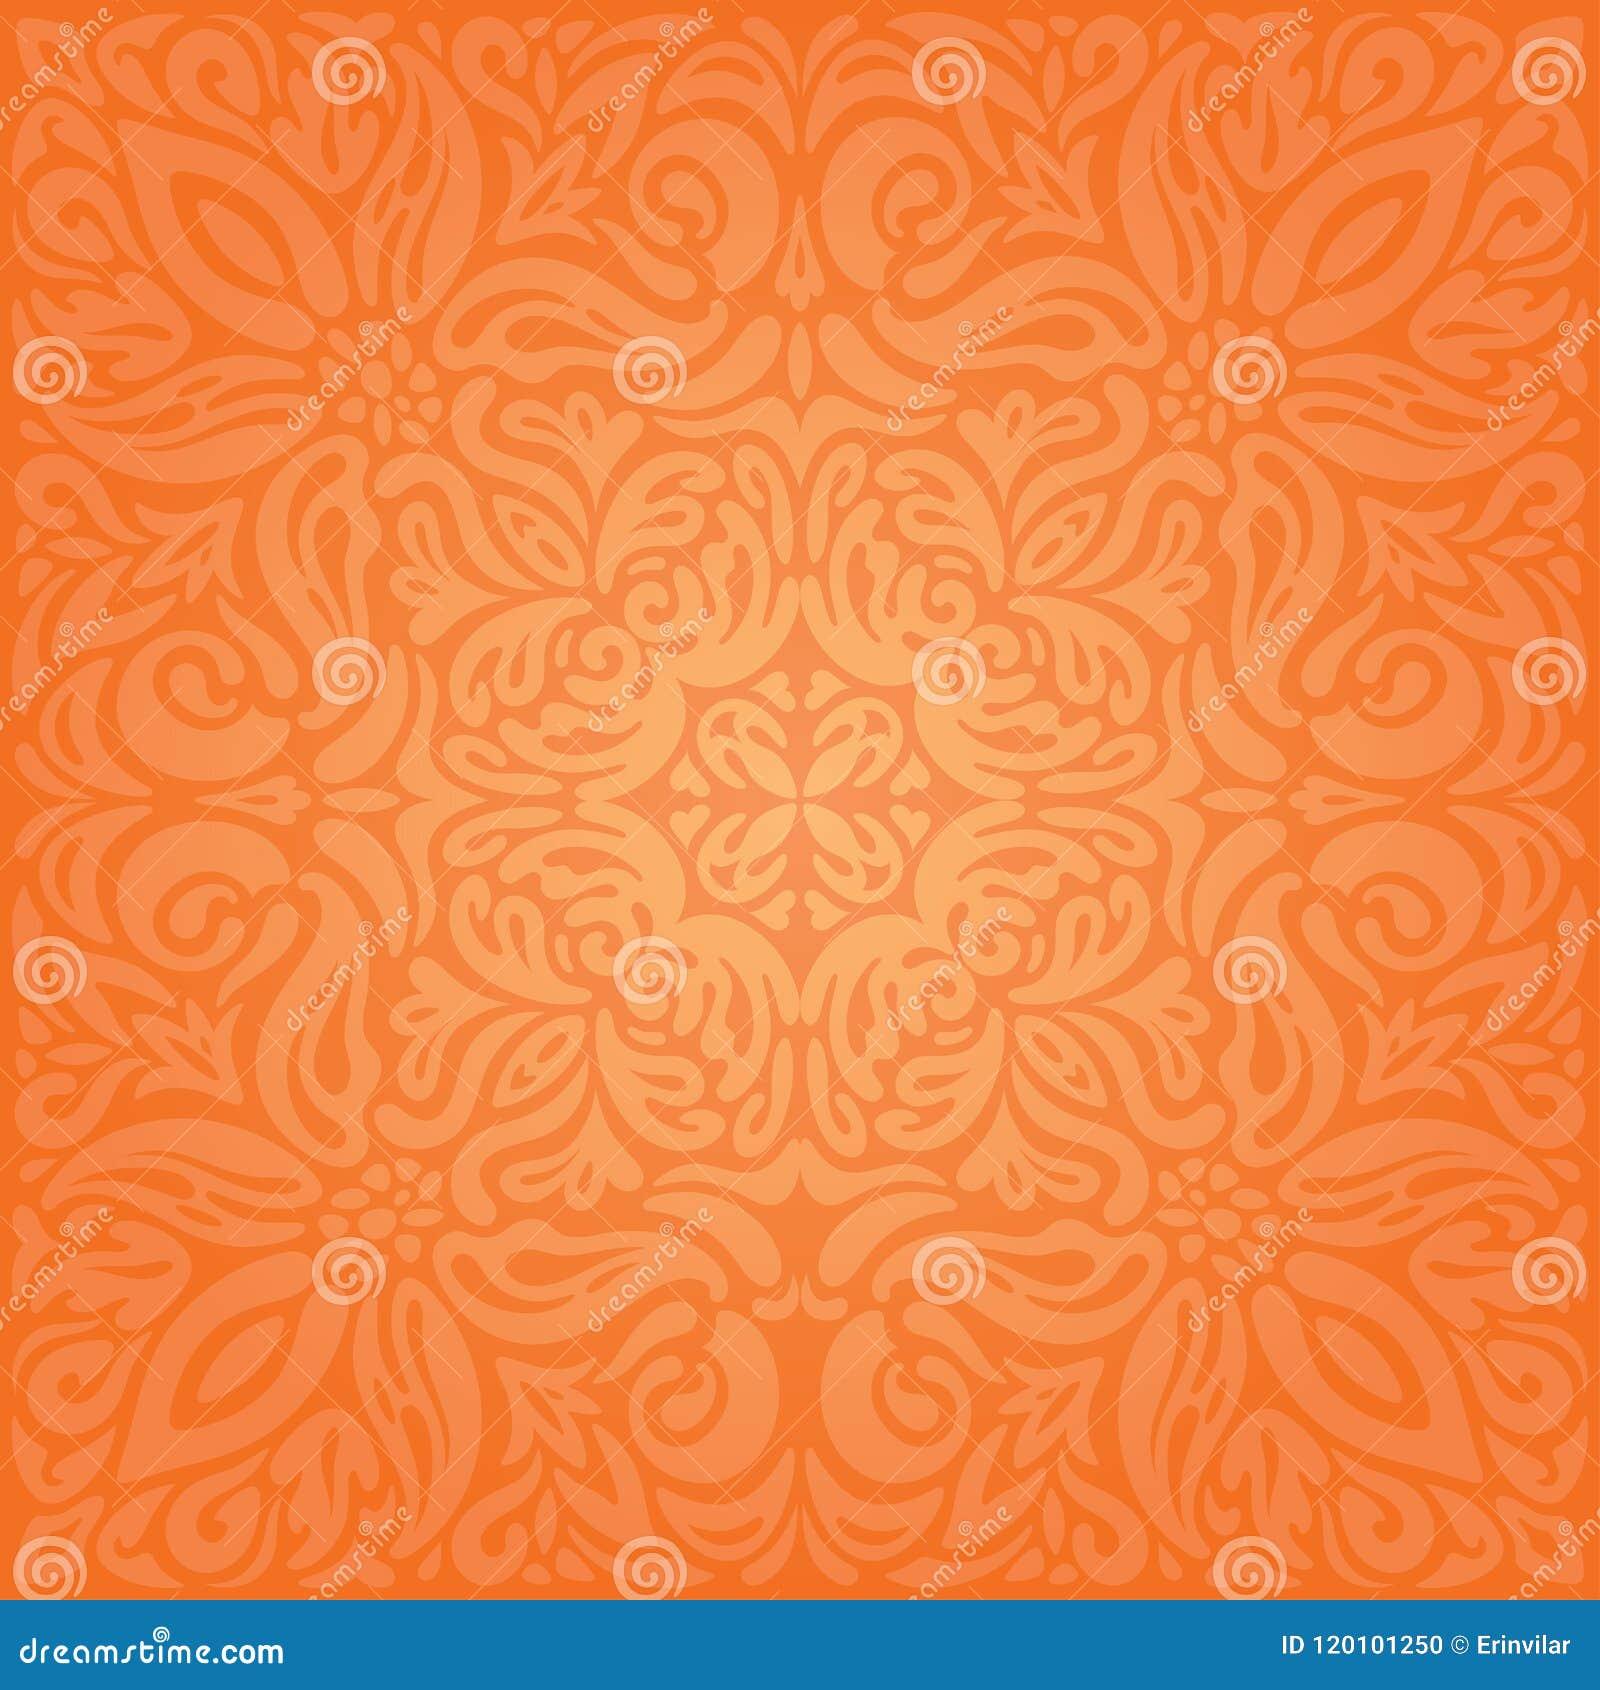 Bekend Bloemen Oranje Retro Van Het Stijl Kleurrijke Behang Uitstekende &NB68